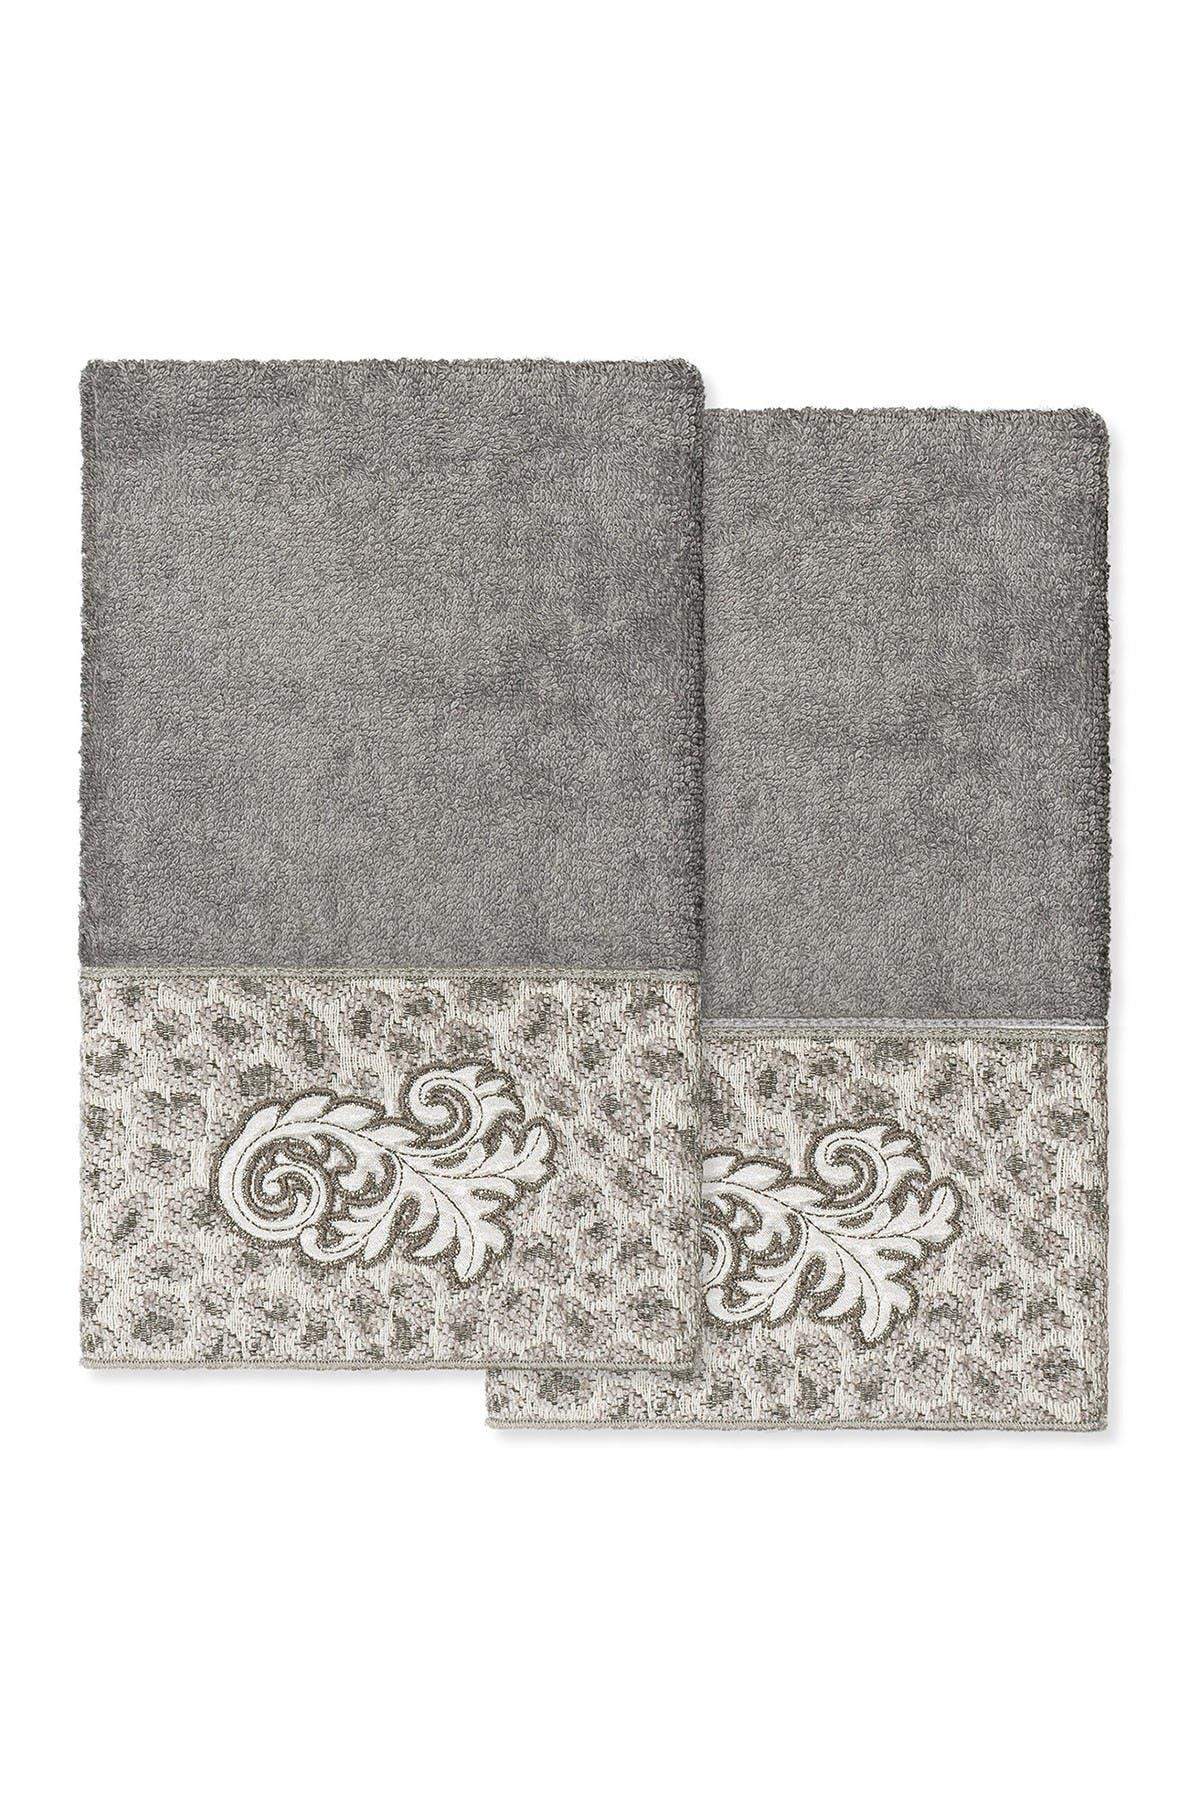 Image of LINUM HOME April Embellished Hand Towel - Set of 2 - Dark Gray